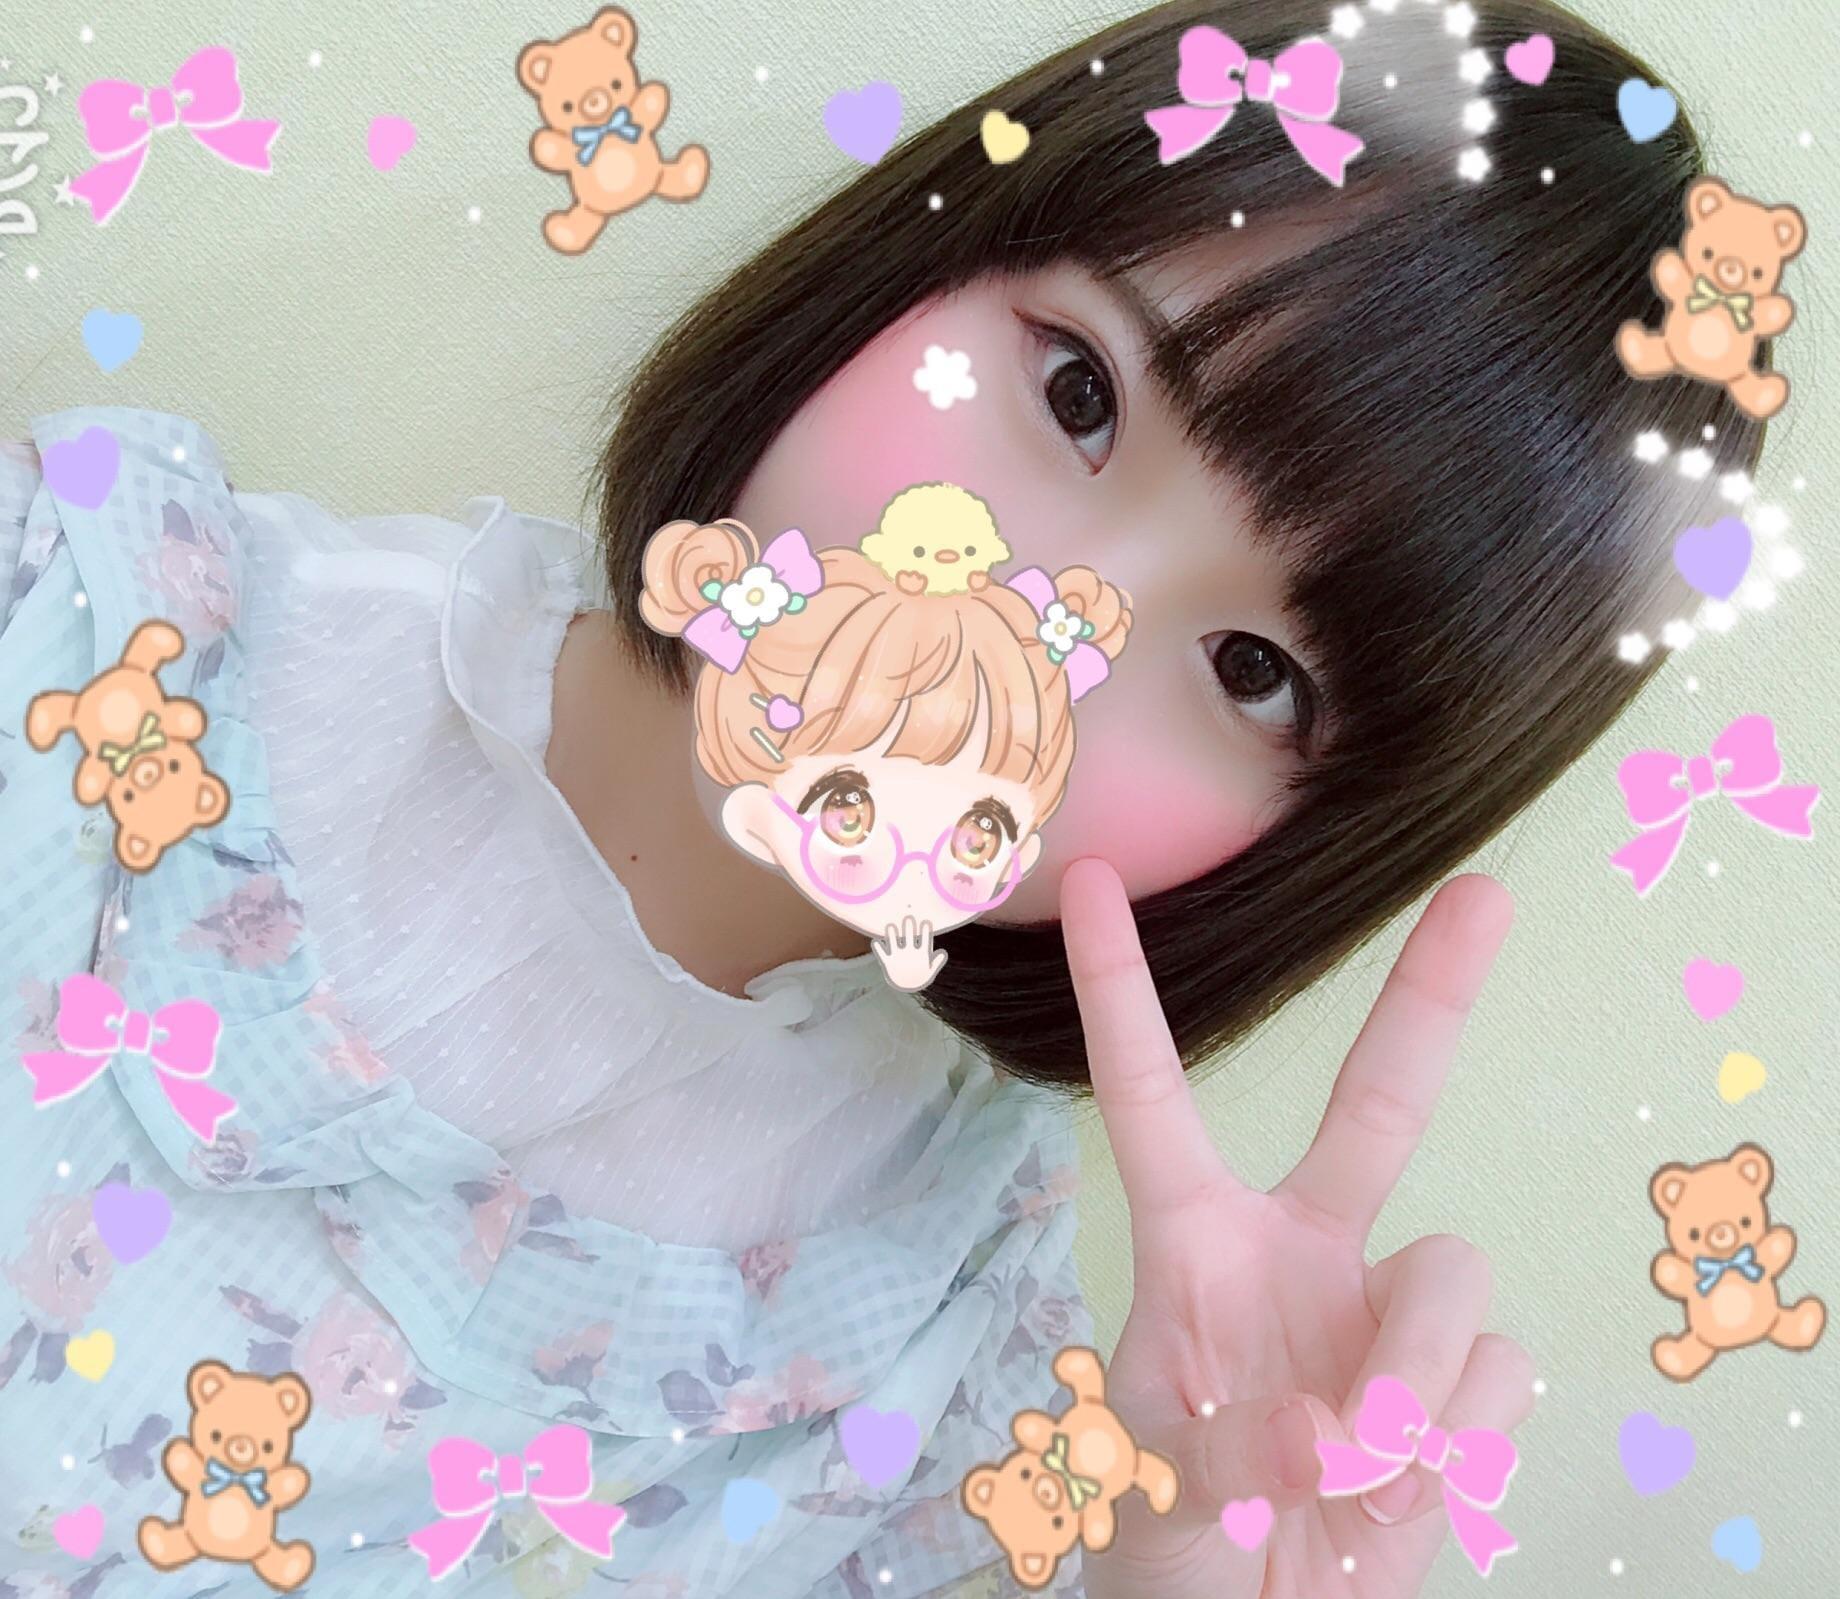 「たいきんまん」09/24(09/24) 01:15 | みわの写メ・風俗動画